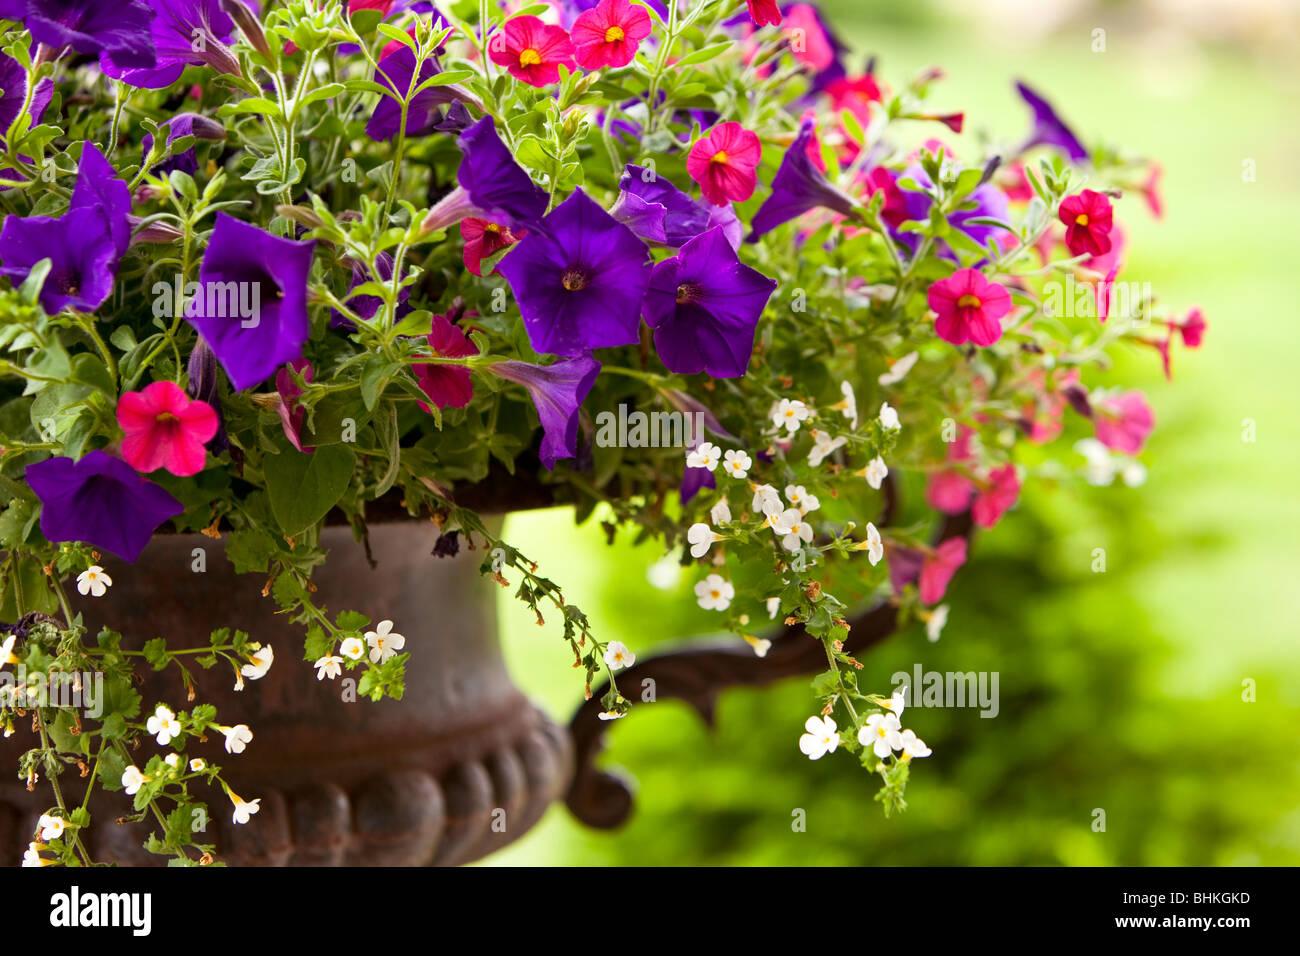 Petunien Blumen in einem Eisentopf Stockbild